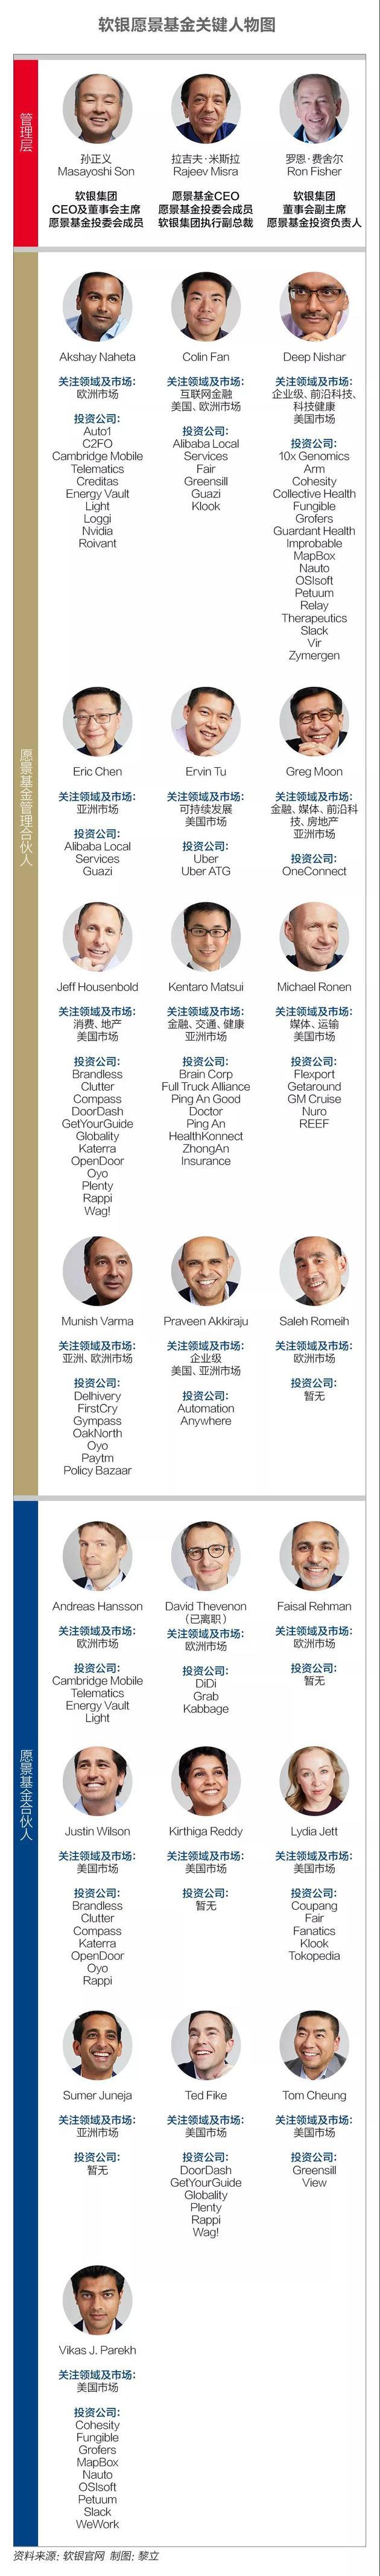 金凤凰娱乐怎么样,4名男子网上邀约前往四川绑架富豪 被警方提前抓获